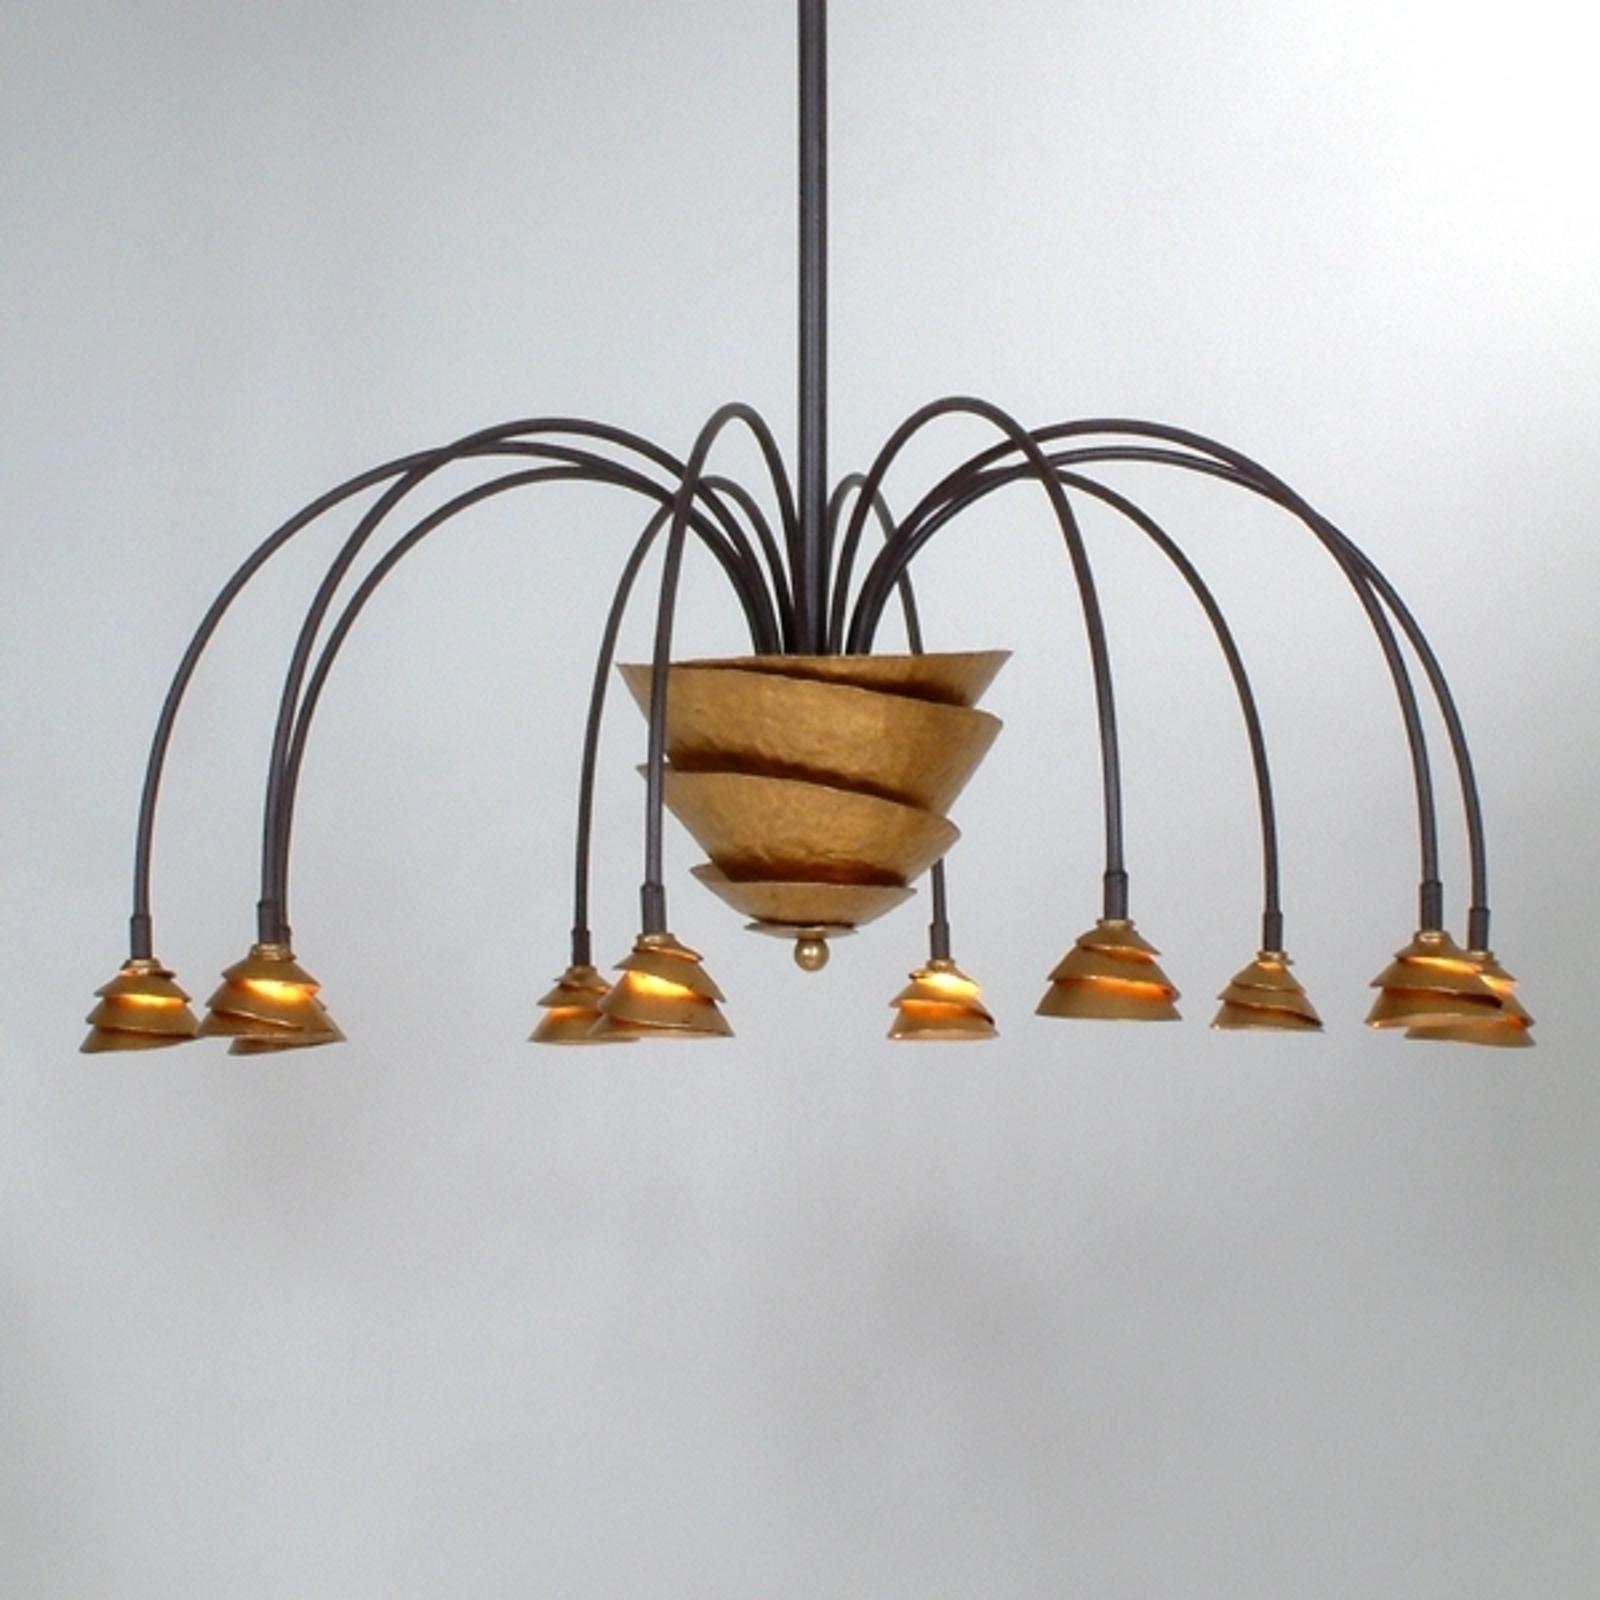 Produktové foto J. Holländer LED závěsné světlo Fontaine železo-hnědá-zlatá